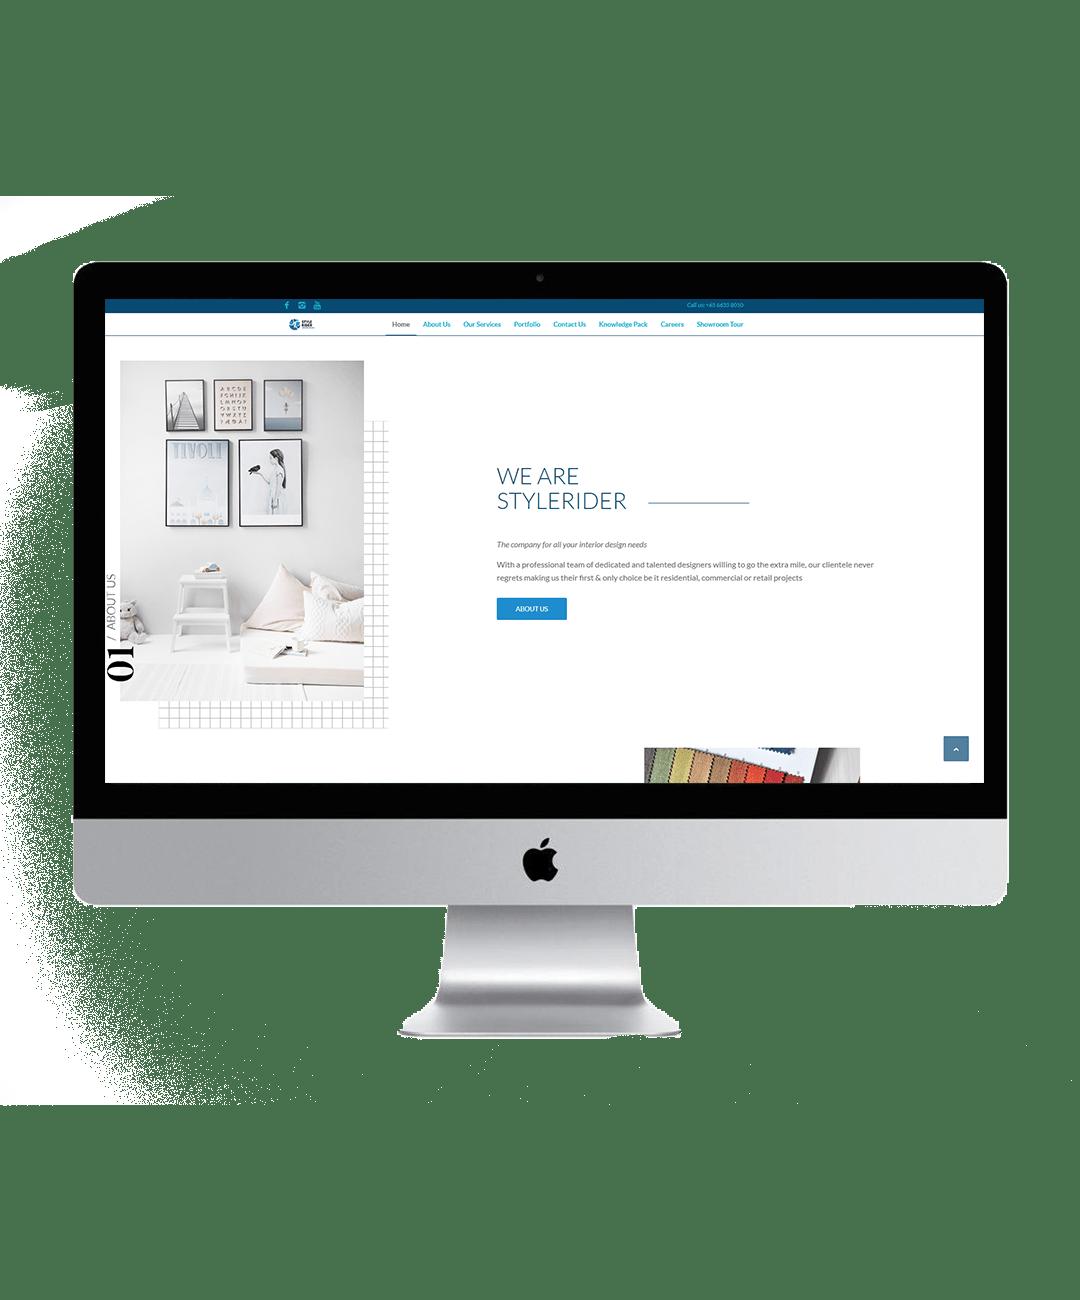 stylerider website showcase 1